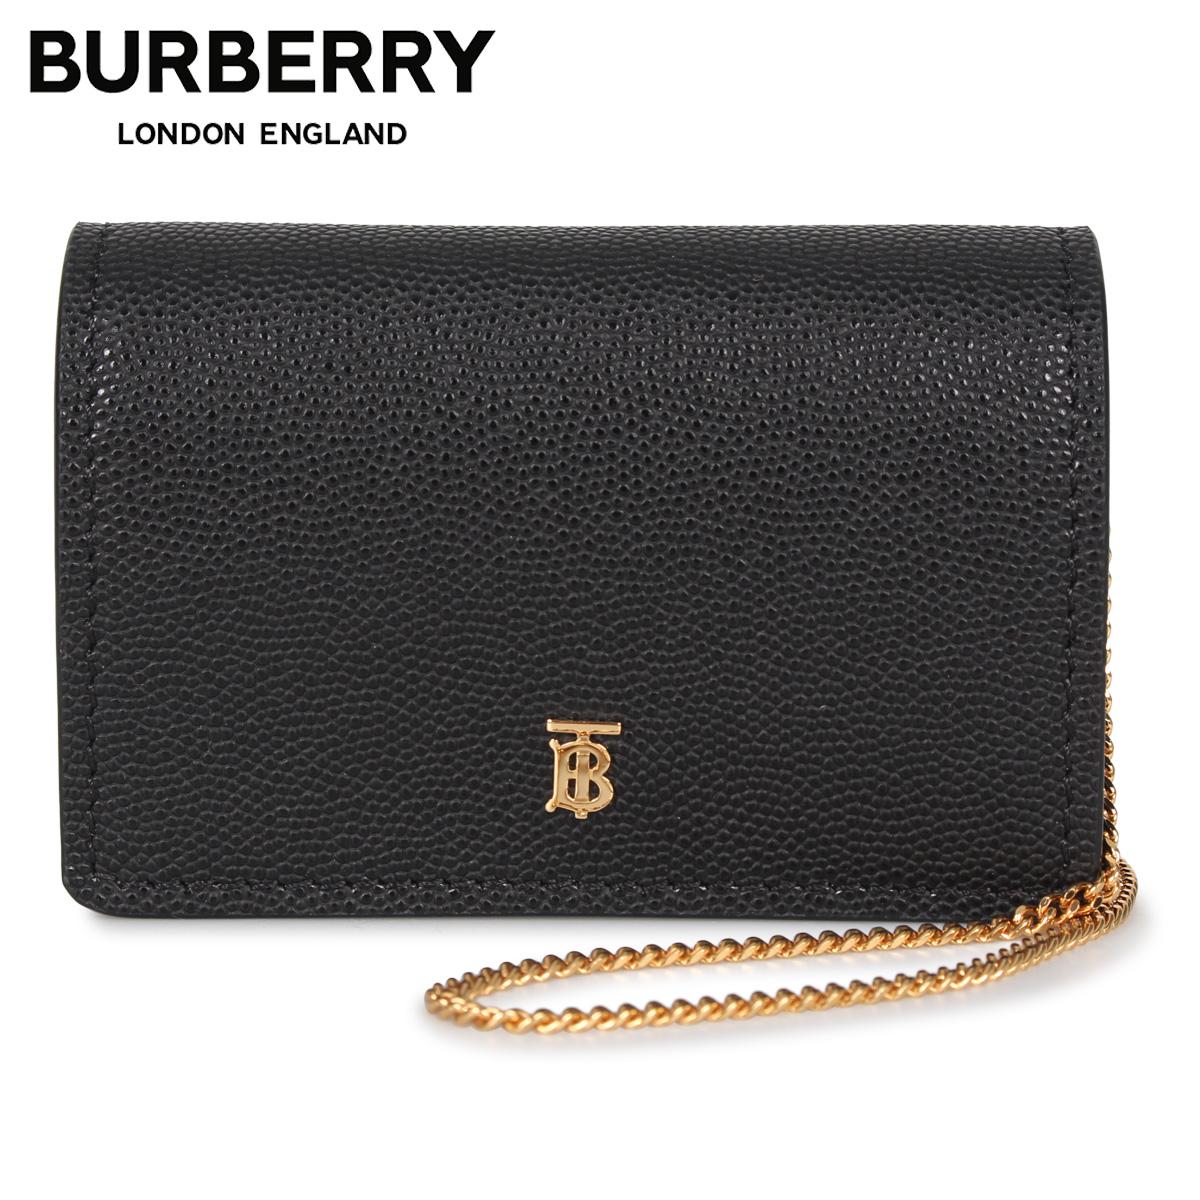 BURBERRY バーバリー カードケース ショルダー レディース 本革 CARD CASE ブラック 黒 8018968